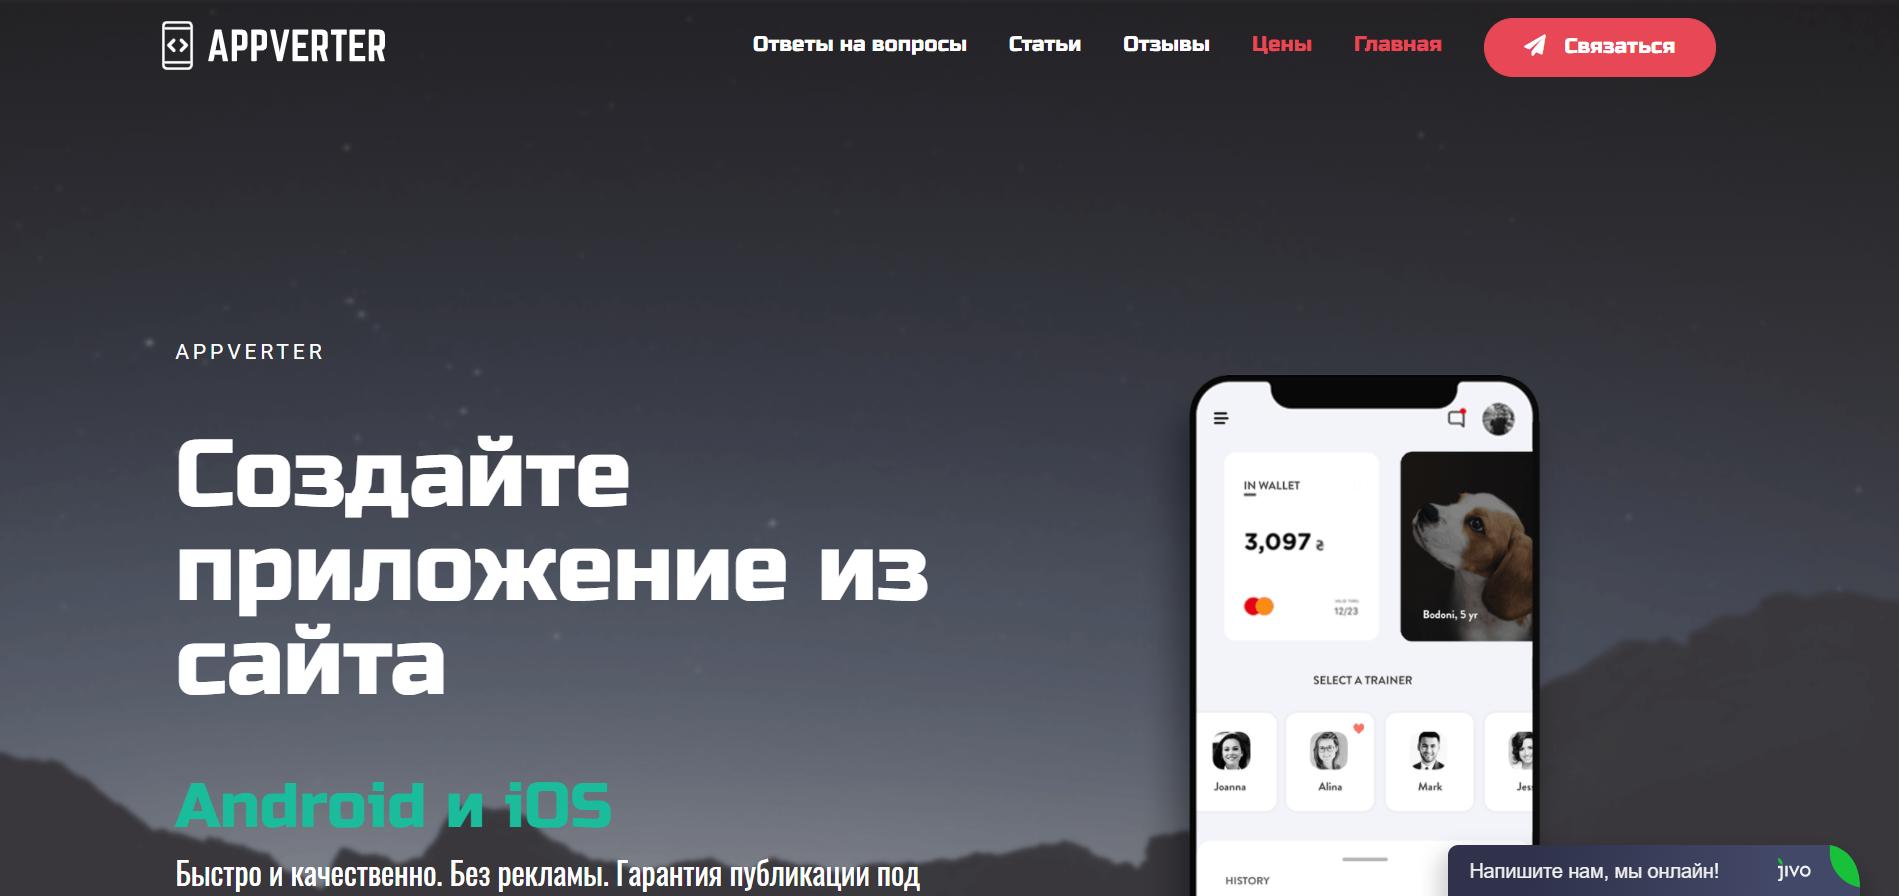 Appverter сервис для создания приложения из сайта